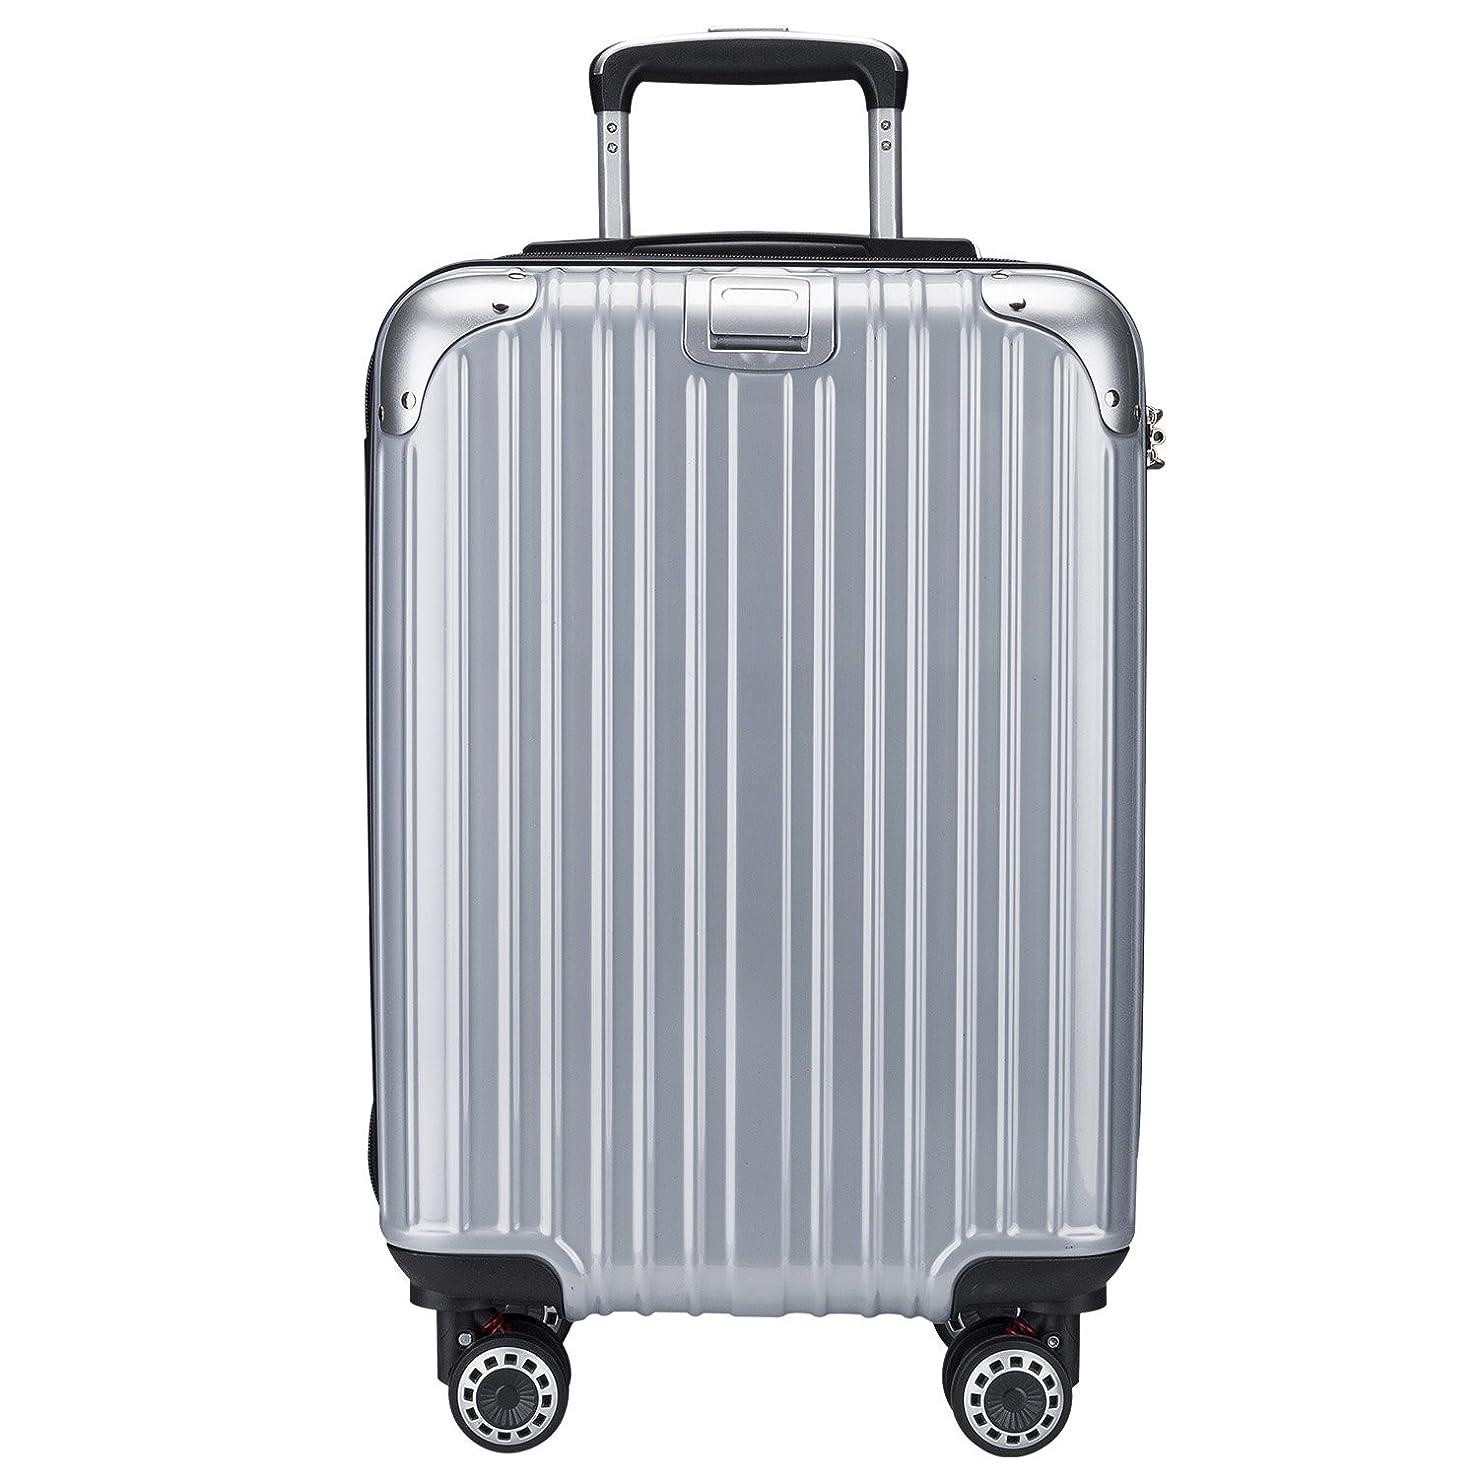 地中海無臭テストTTOvaligeria[TTOバリジェリア] スーツケース 軽量 静音 TSAロック搭載 Wファスナータイプ 大型 容量最大20%拡張 機内持ち込み